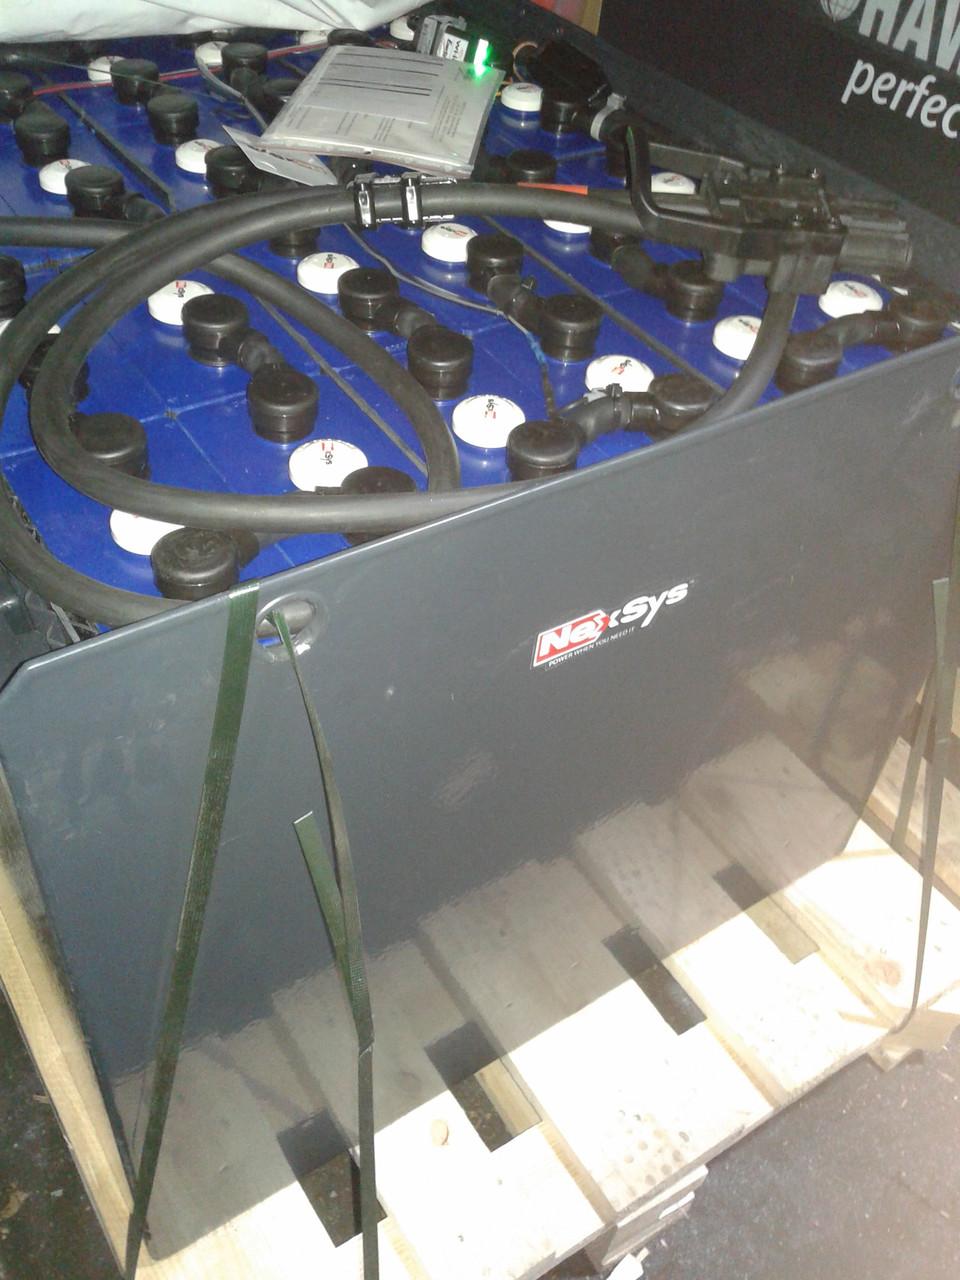 Герметичная быстрозаряжаемая батарея NexSys (Hawker XFC) для погрузчиков и другой складской техники.